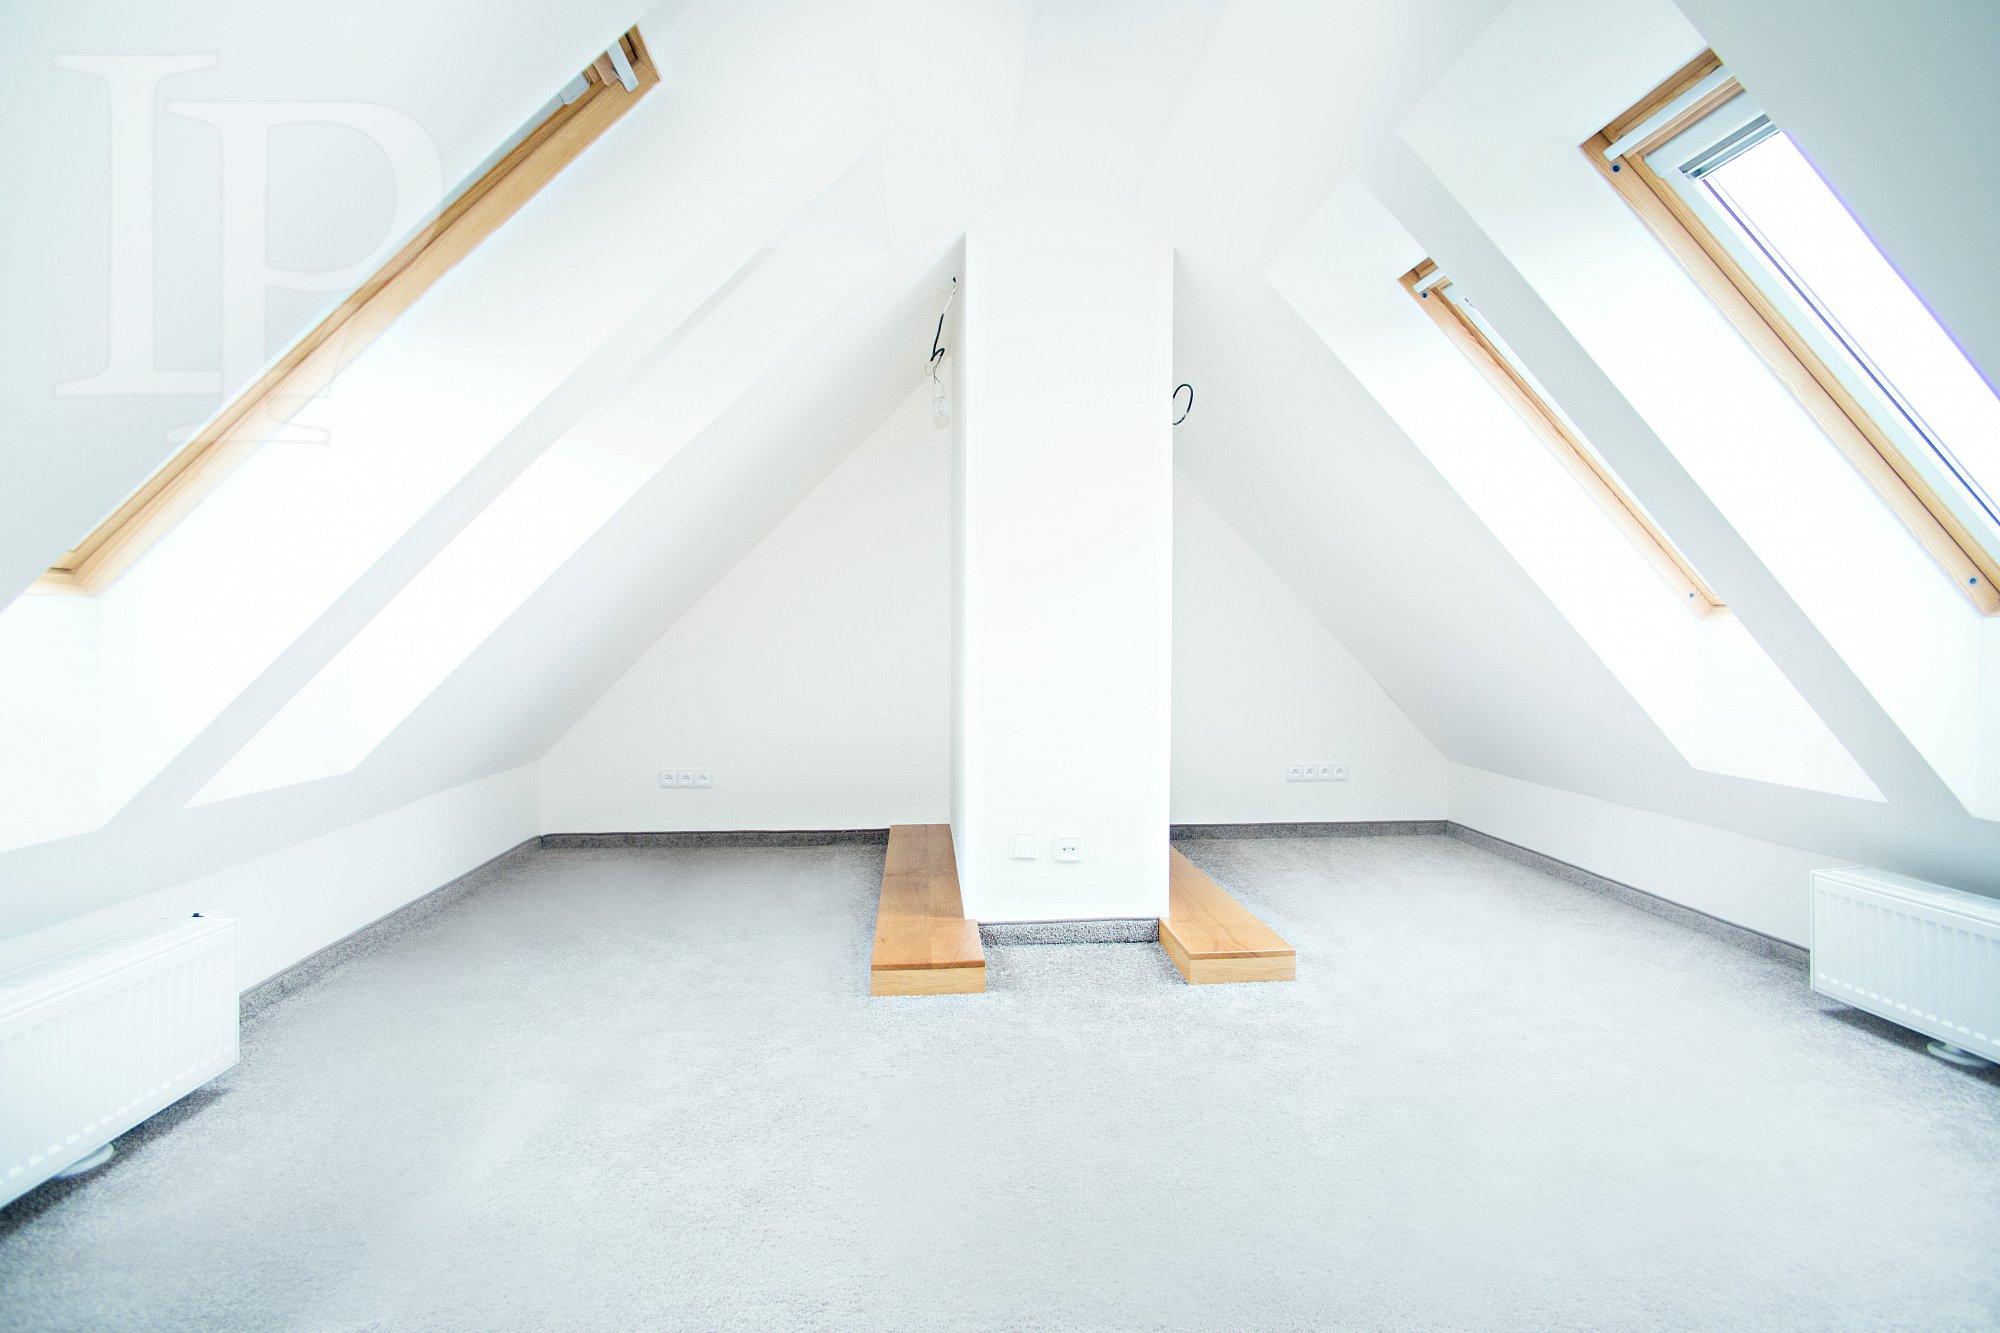 Nová řadová vila 4p_278m2, terasa, zah. 156m2, dvou garáž 40m2, Praha 2- Vinohrady-Kolaudace 05/2015